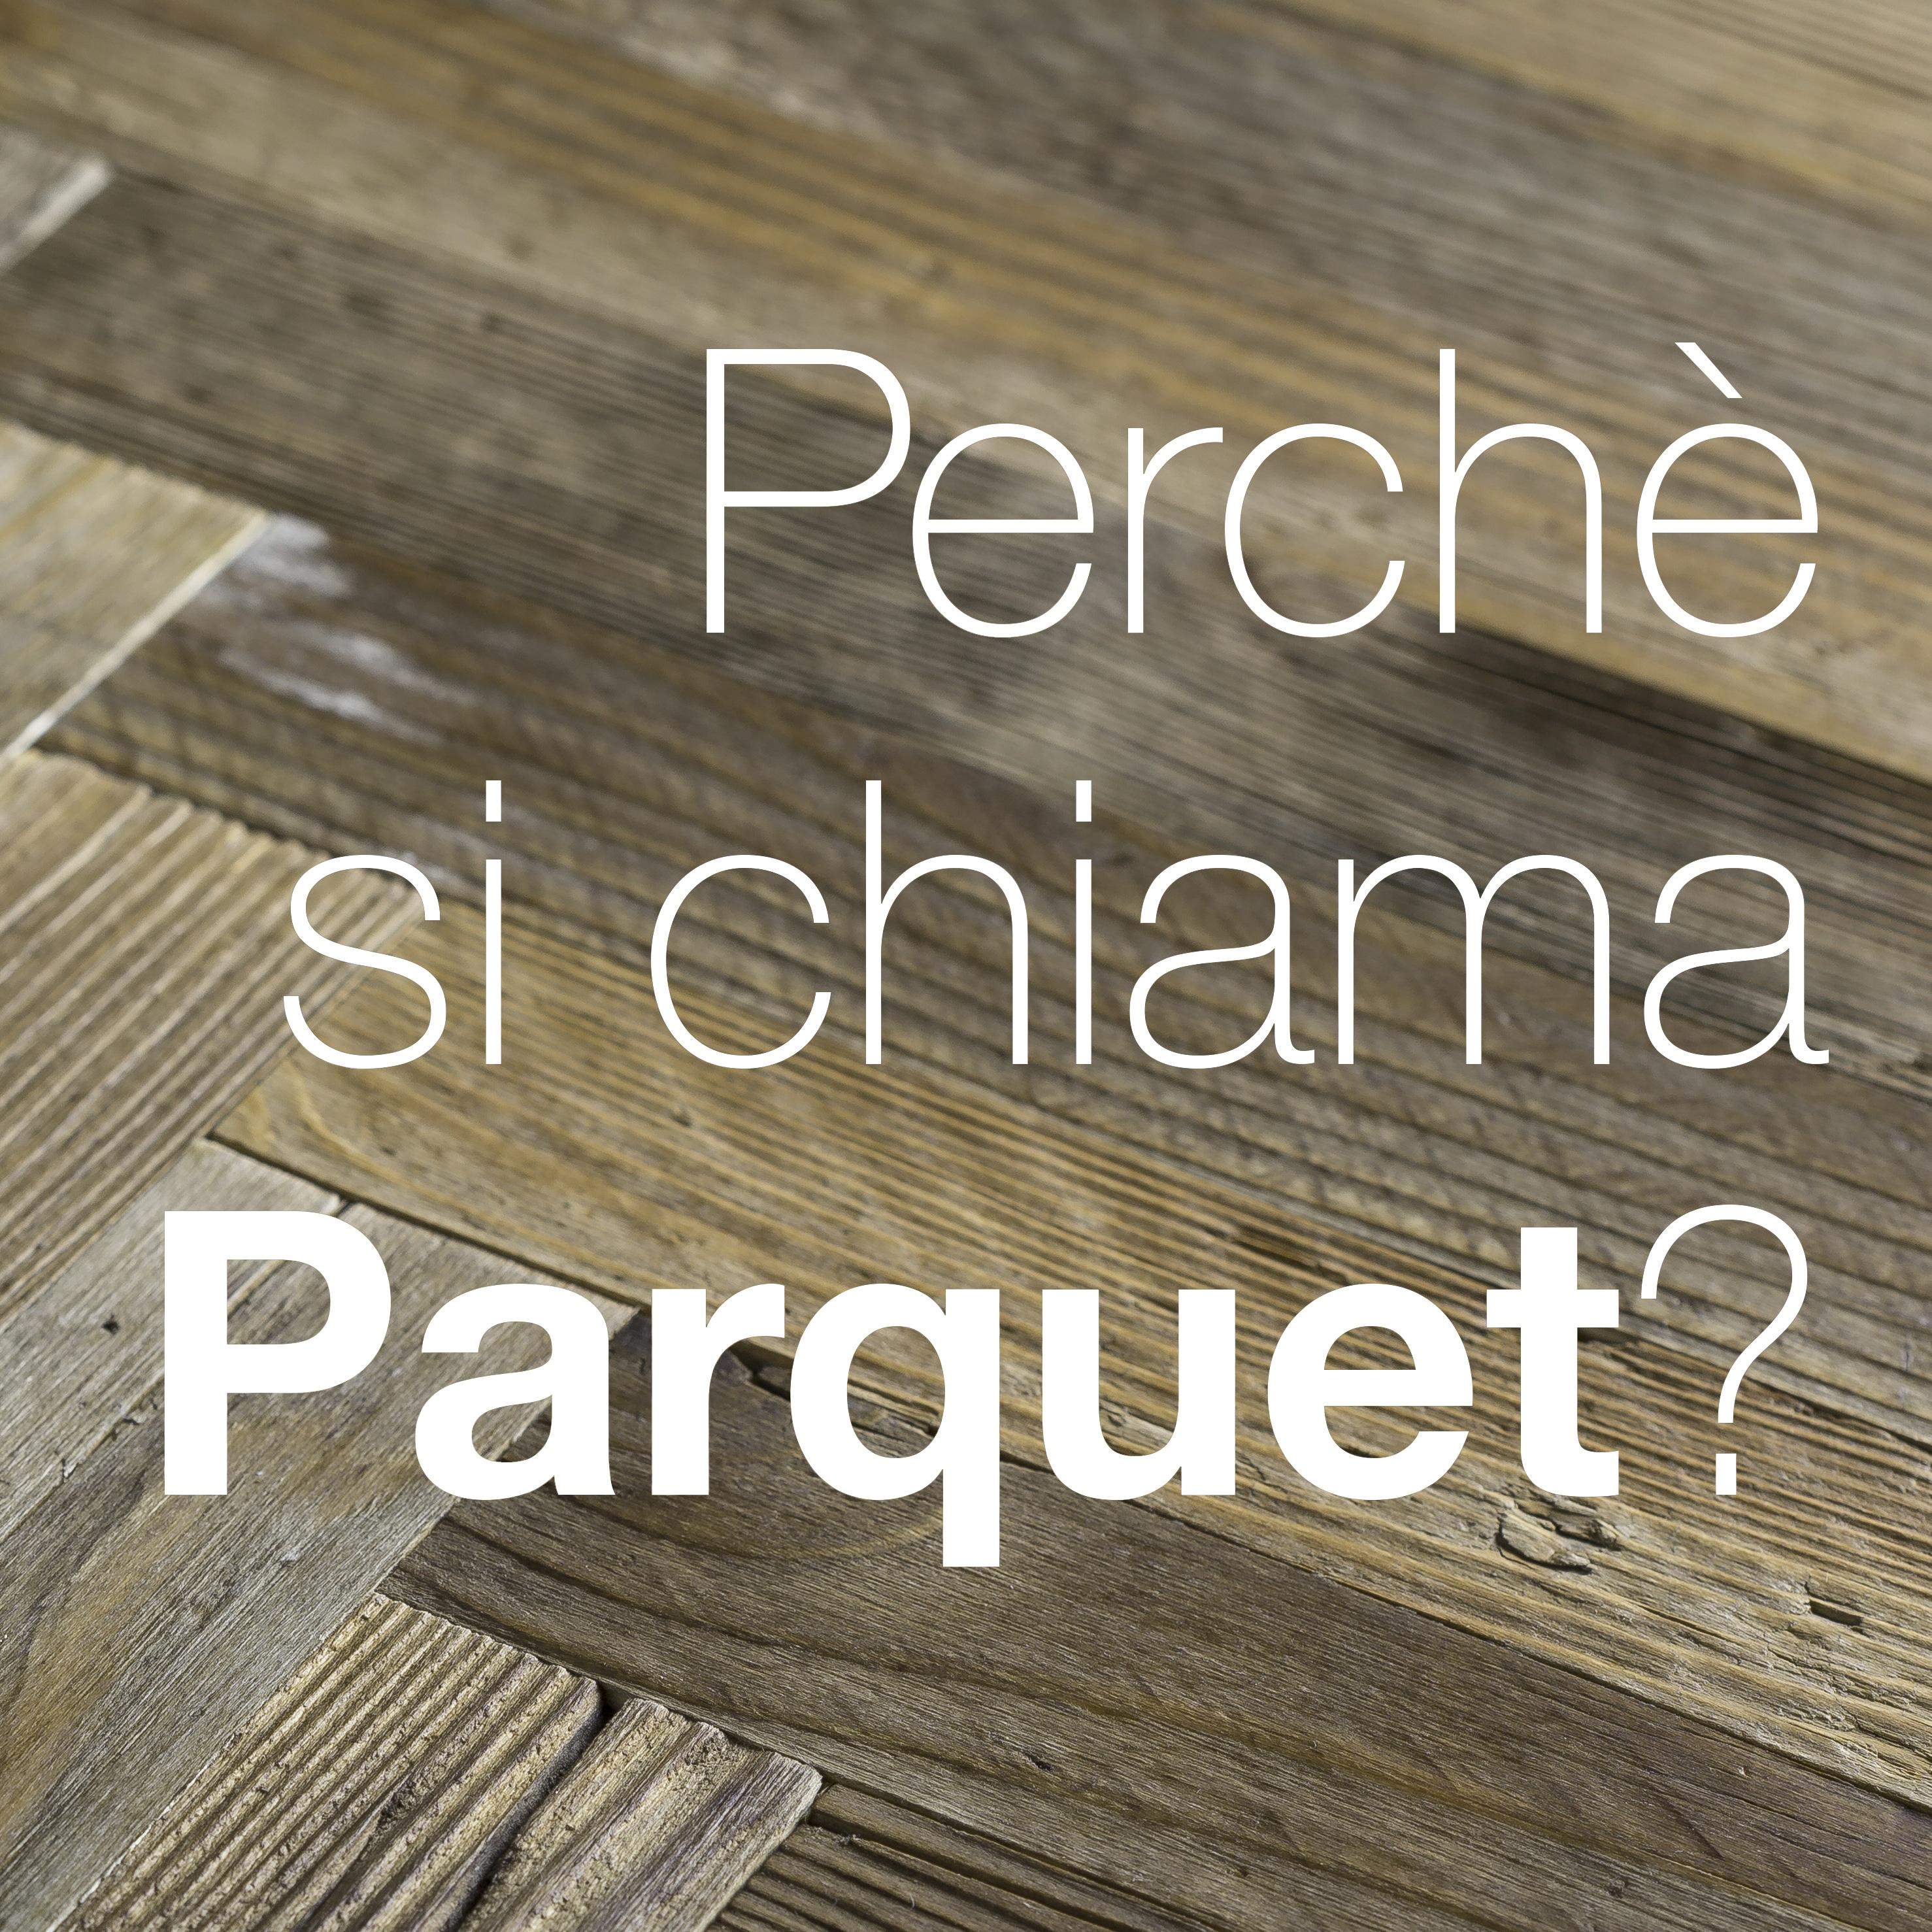 Parquet alle origini del nome marina bozzo parquet genova for Charles che arredo la reggia di versailles